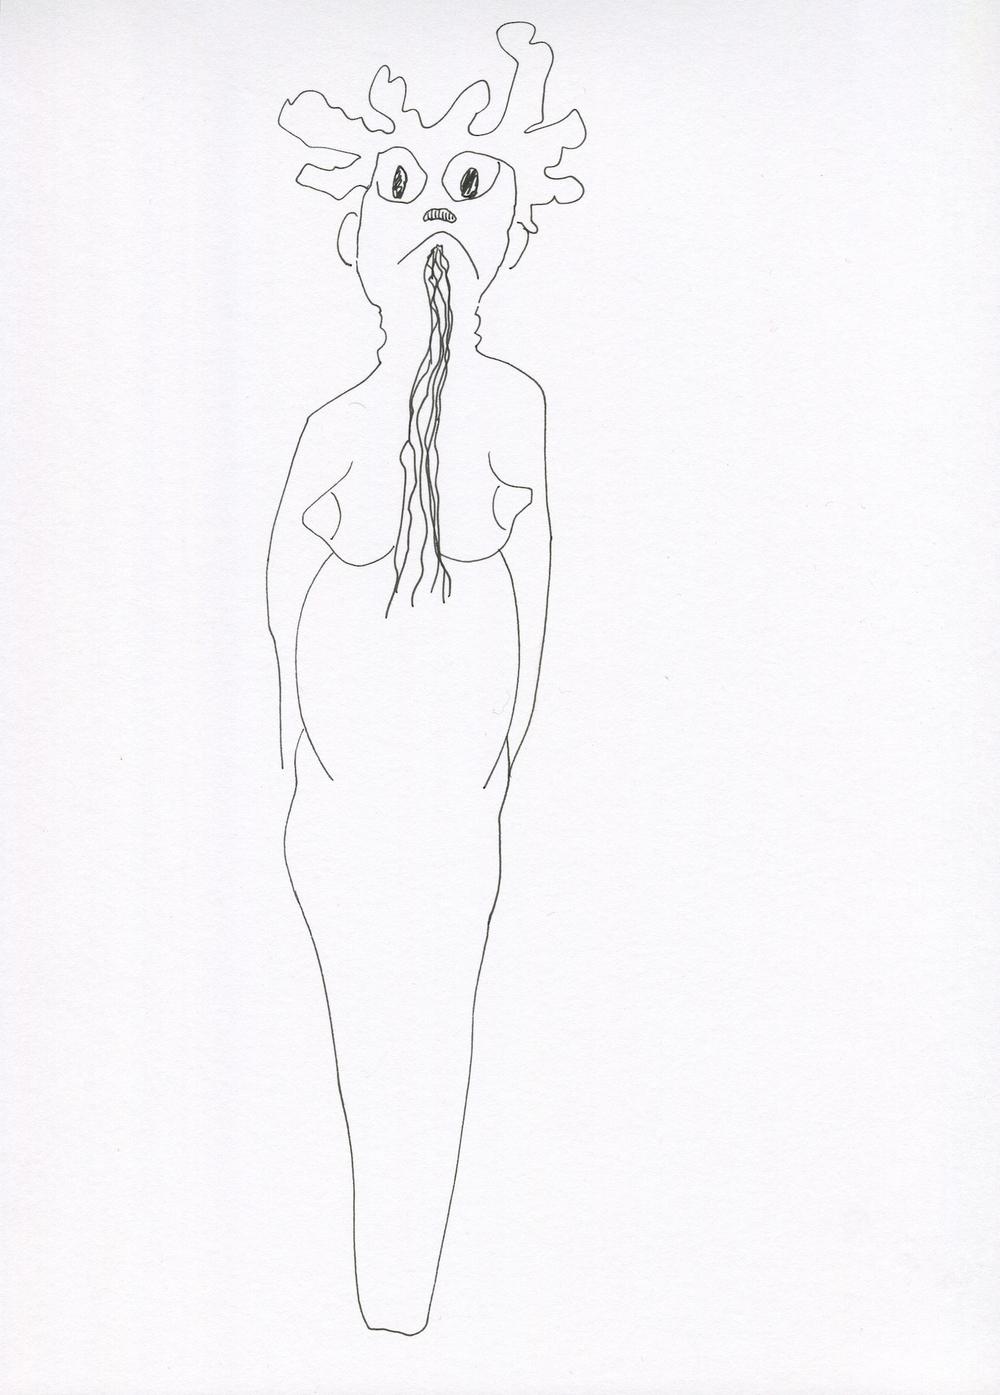 Grrrr....Aaaah from the Venus of Brisbane series, 2015, Ink on paper, 21.0 x 30.0 cm